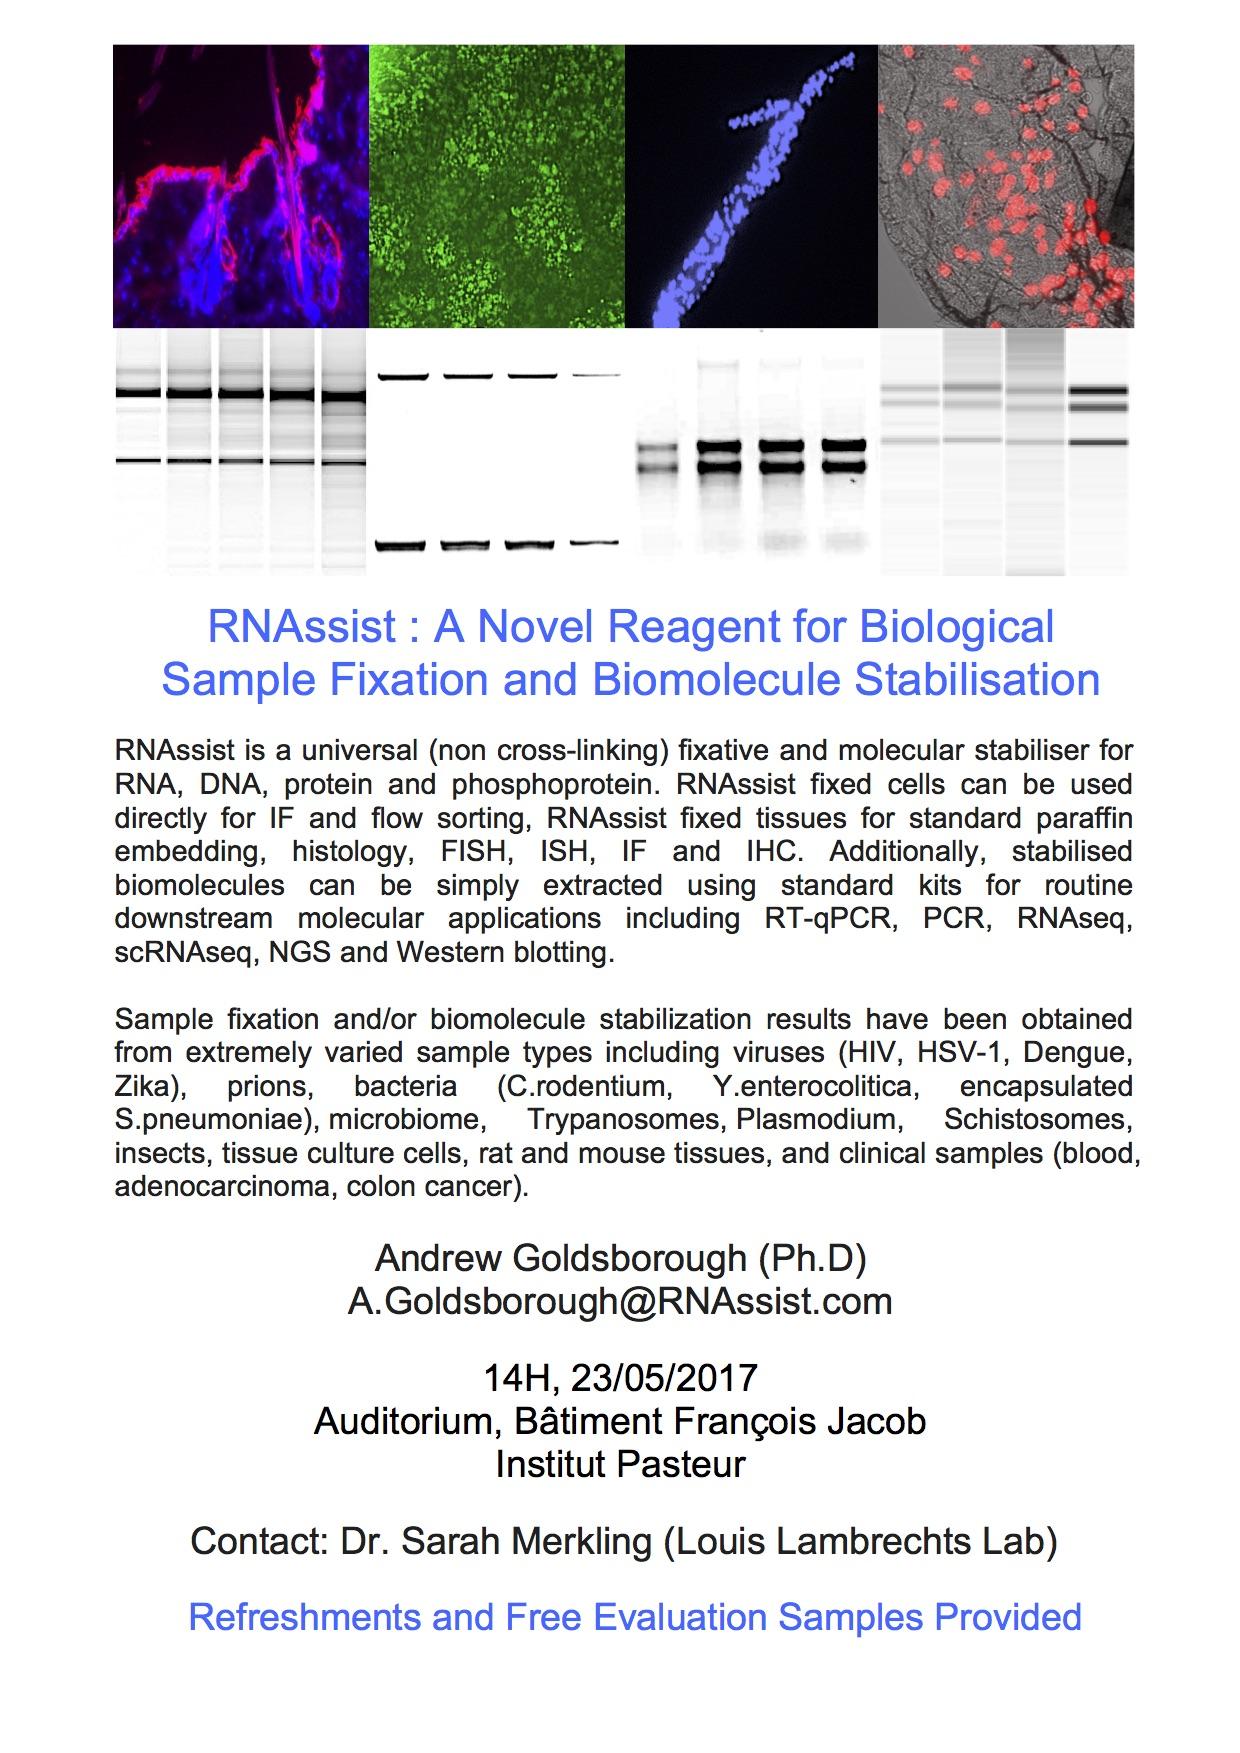 RNAssist : A Novel Reagent for Biological Sample Fixation